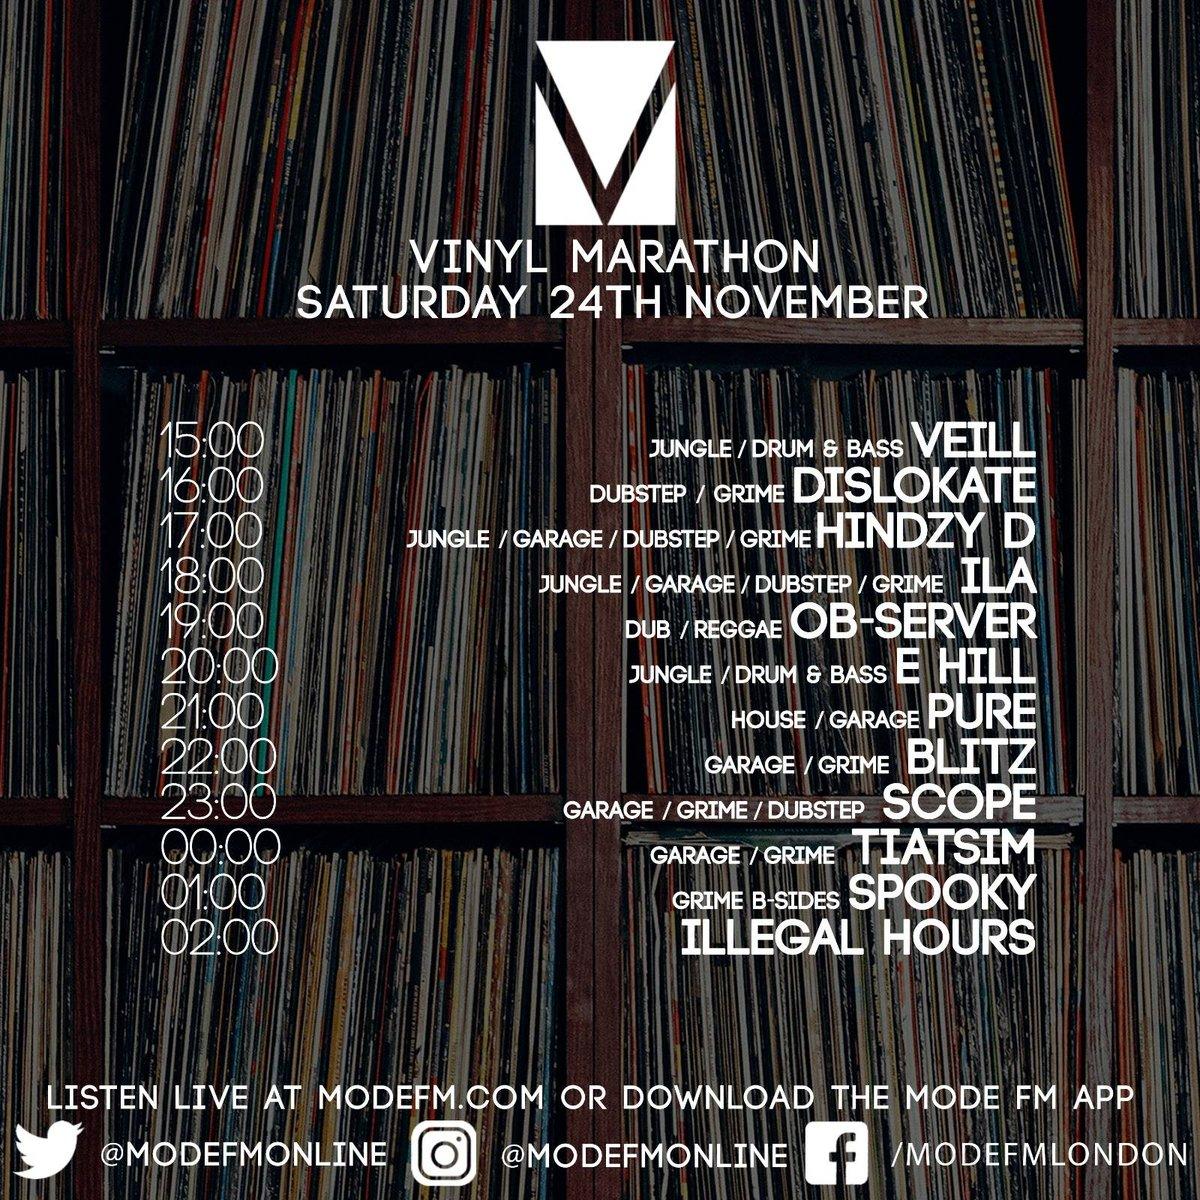 vinylmarathon hashtag on Twitter